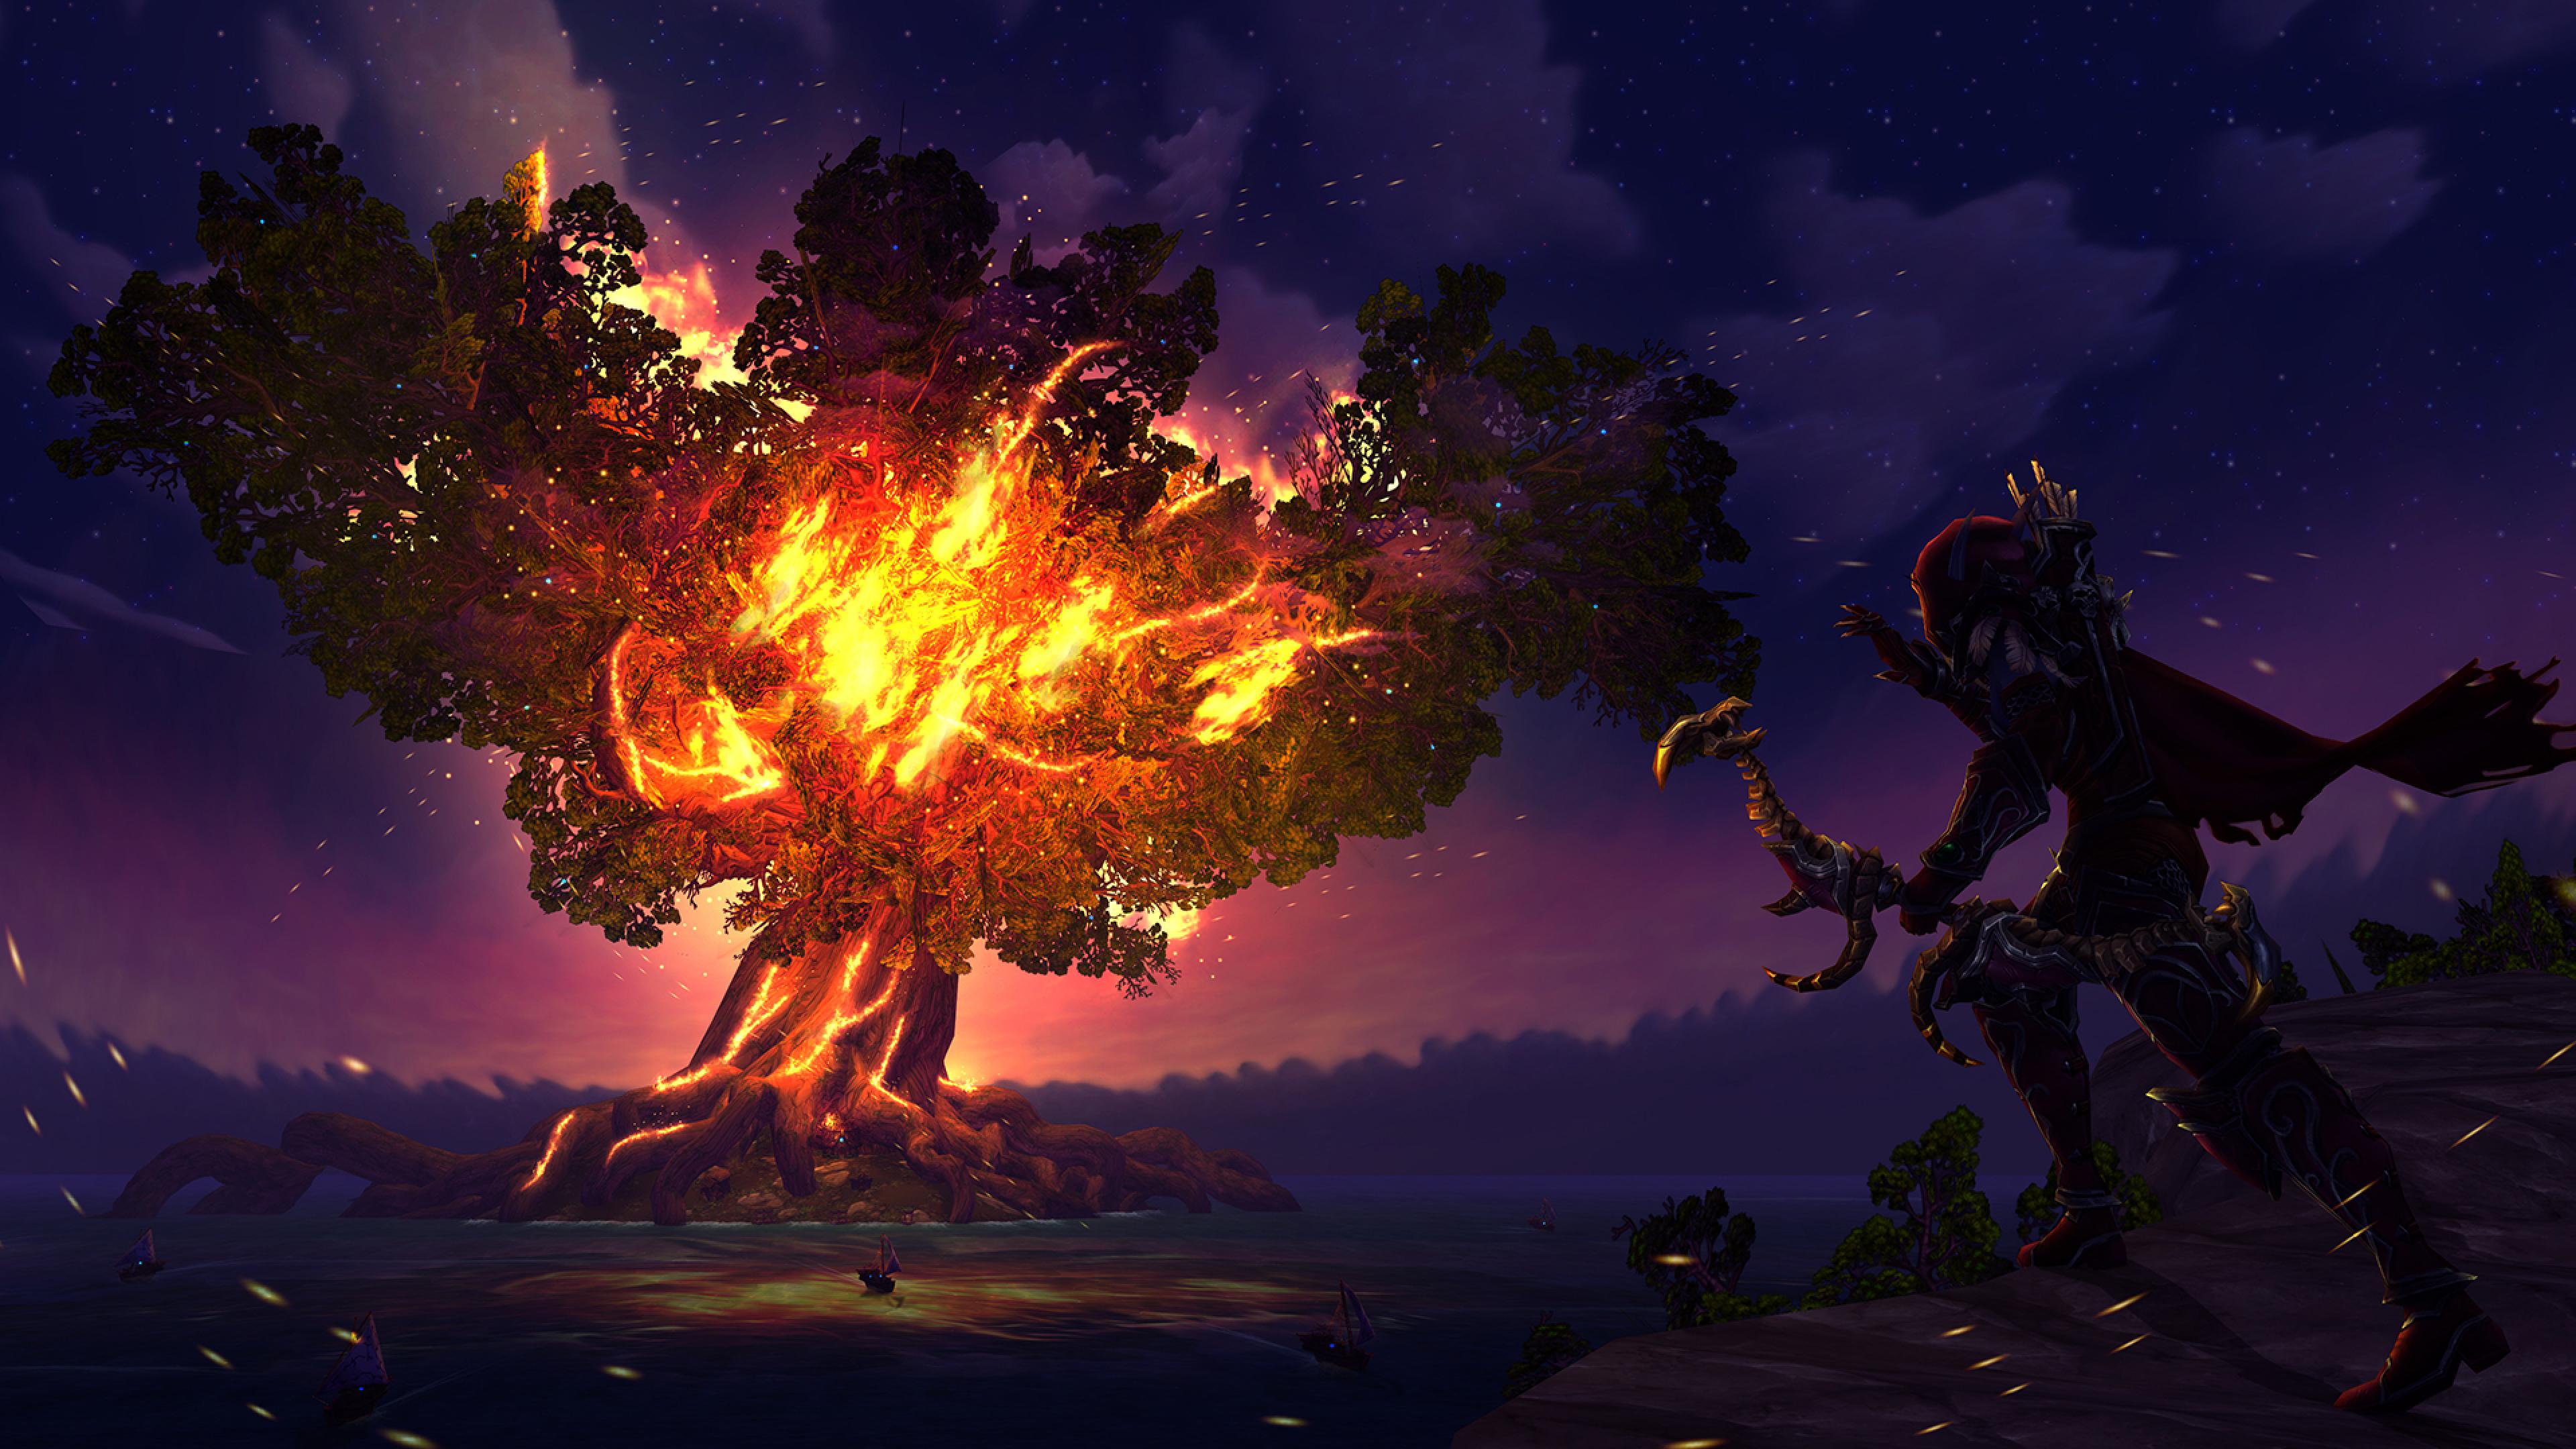 Bfa Hd Wallpaper: Sylvanas Windrunner Fire Tree World Of Warcraft, Full HD